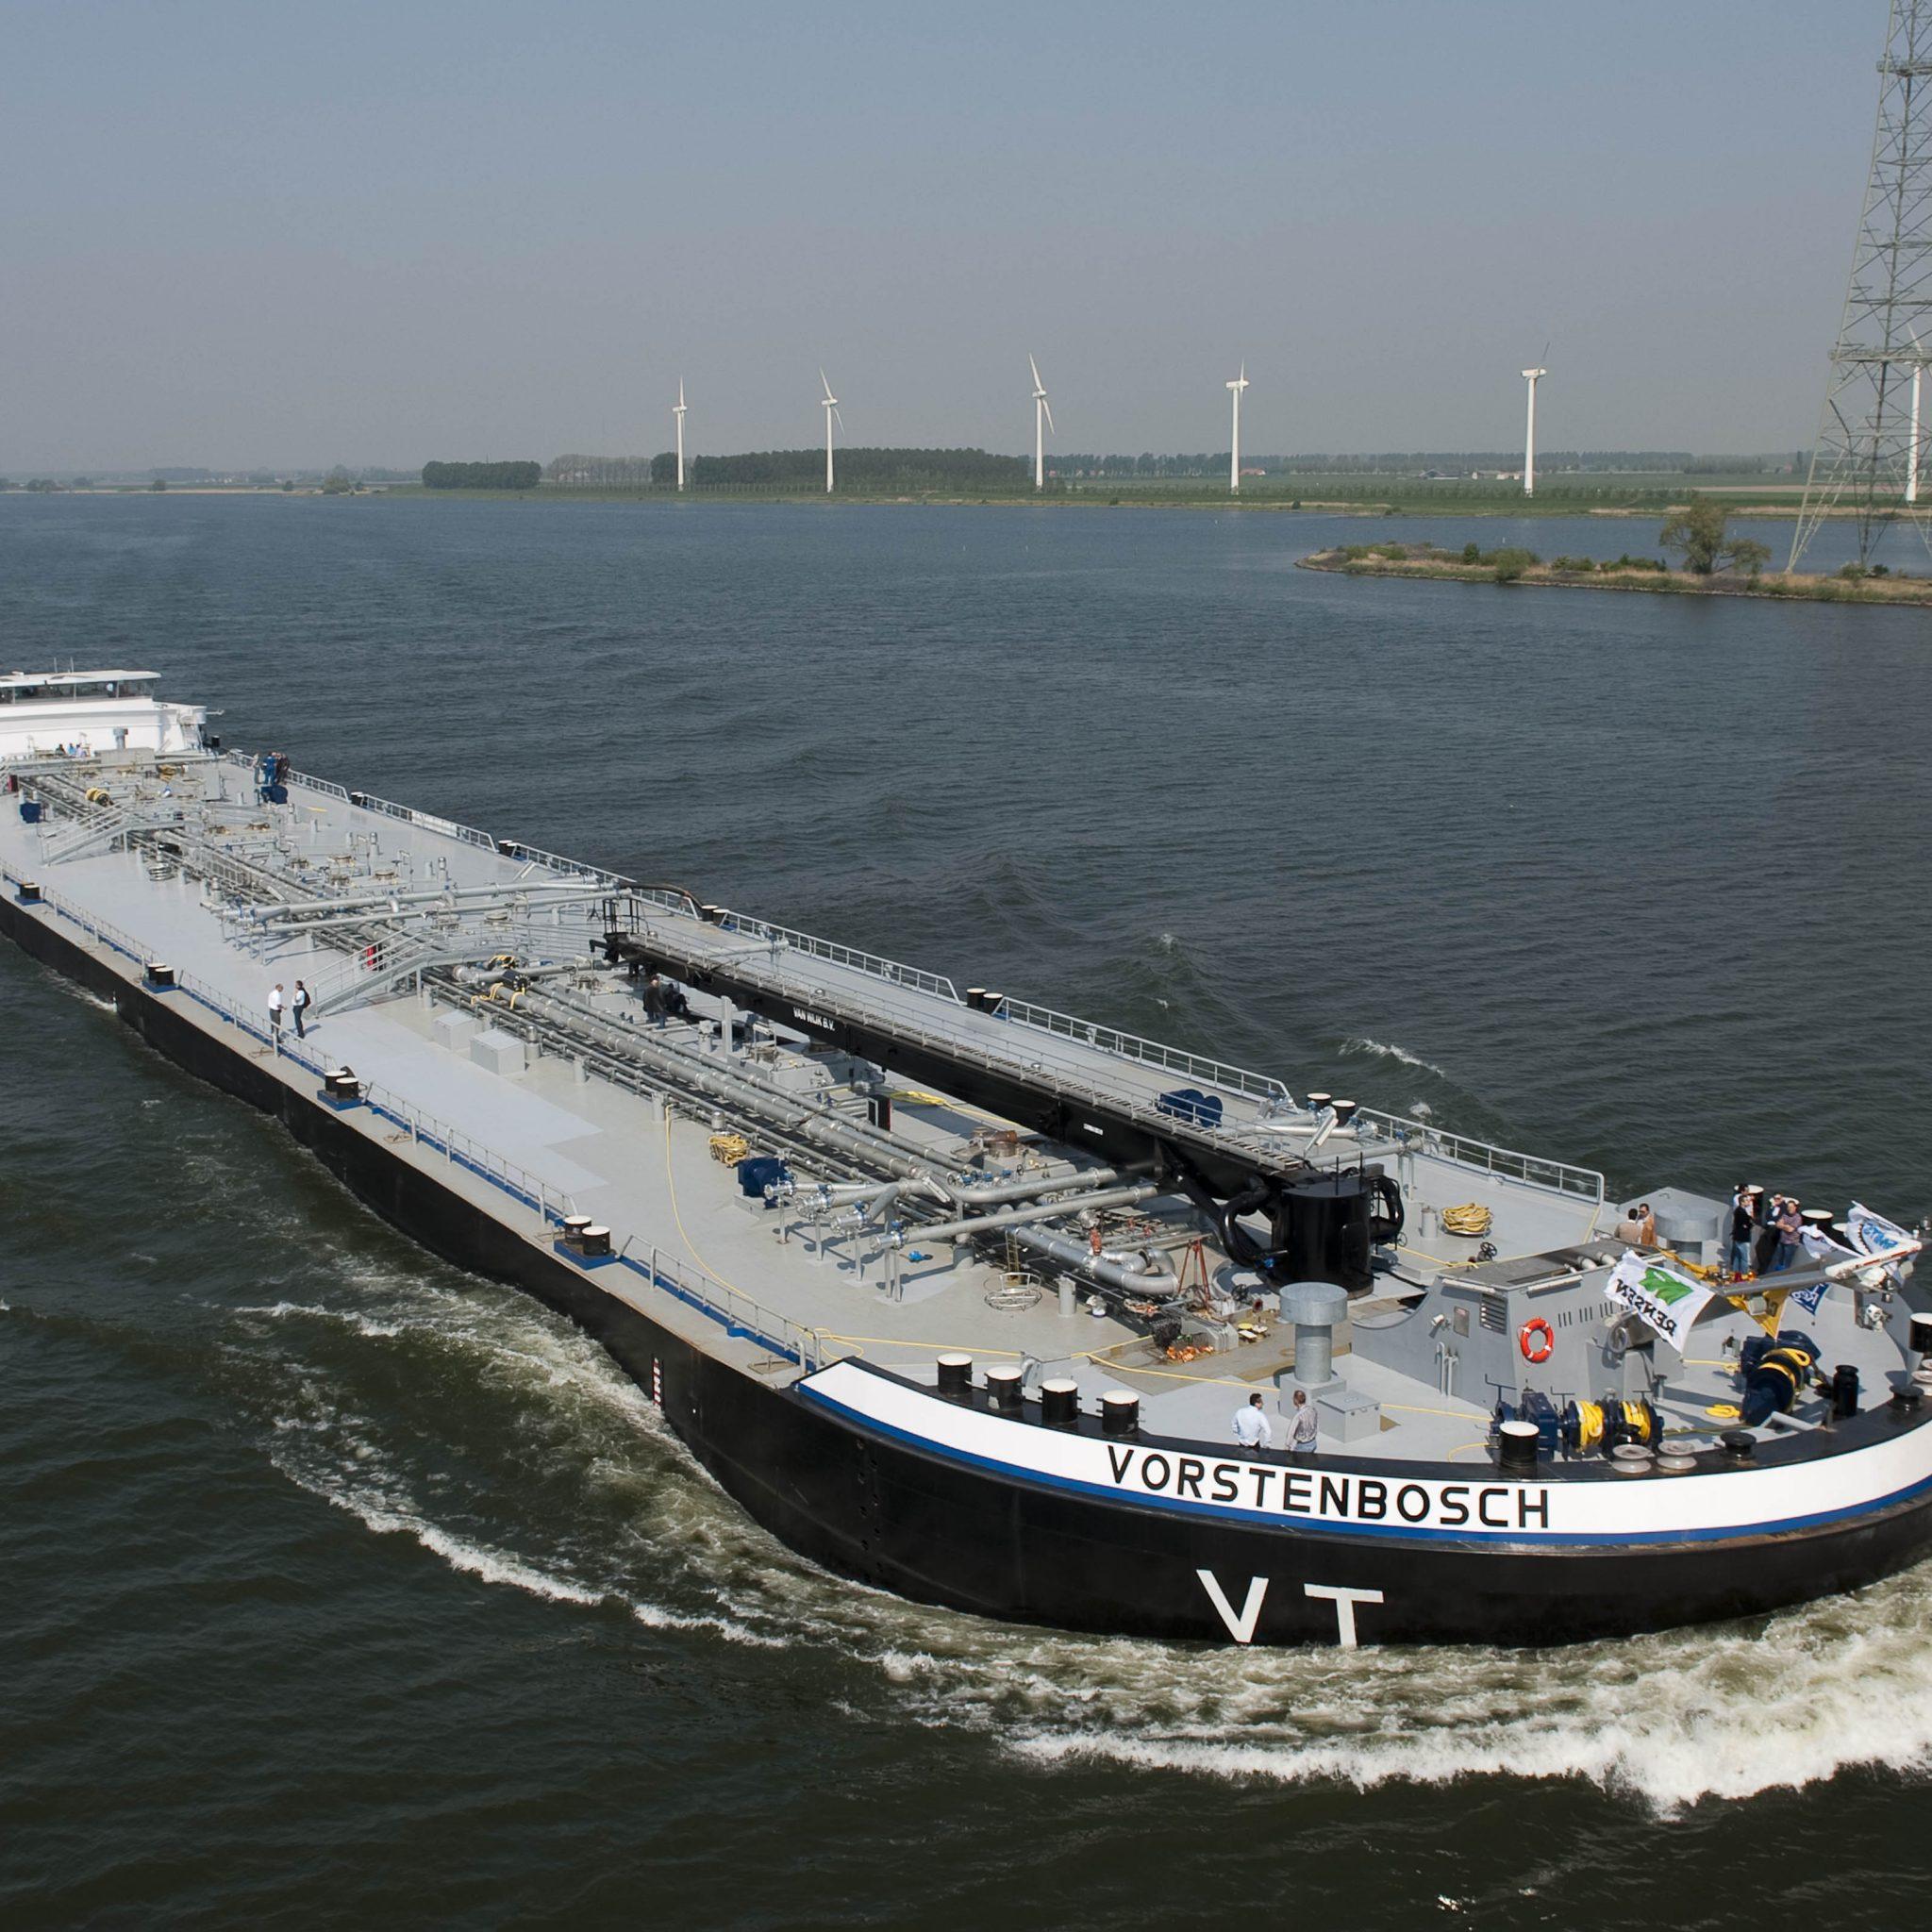 Met de gigantische bunkertanker Vorstenbosch speelde VT in op de schaalvergroting in de zeevaart. Ook in andere marktsegmenten is er vraag naar steeds grotere binnenvaartschepen, zodat de grenzen van de vaarweginfrastructuur worden opgezocht om die maximaal te benutten. (Archieffoto Arie Jonkman)